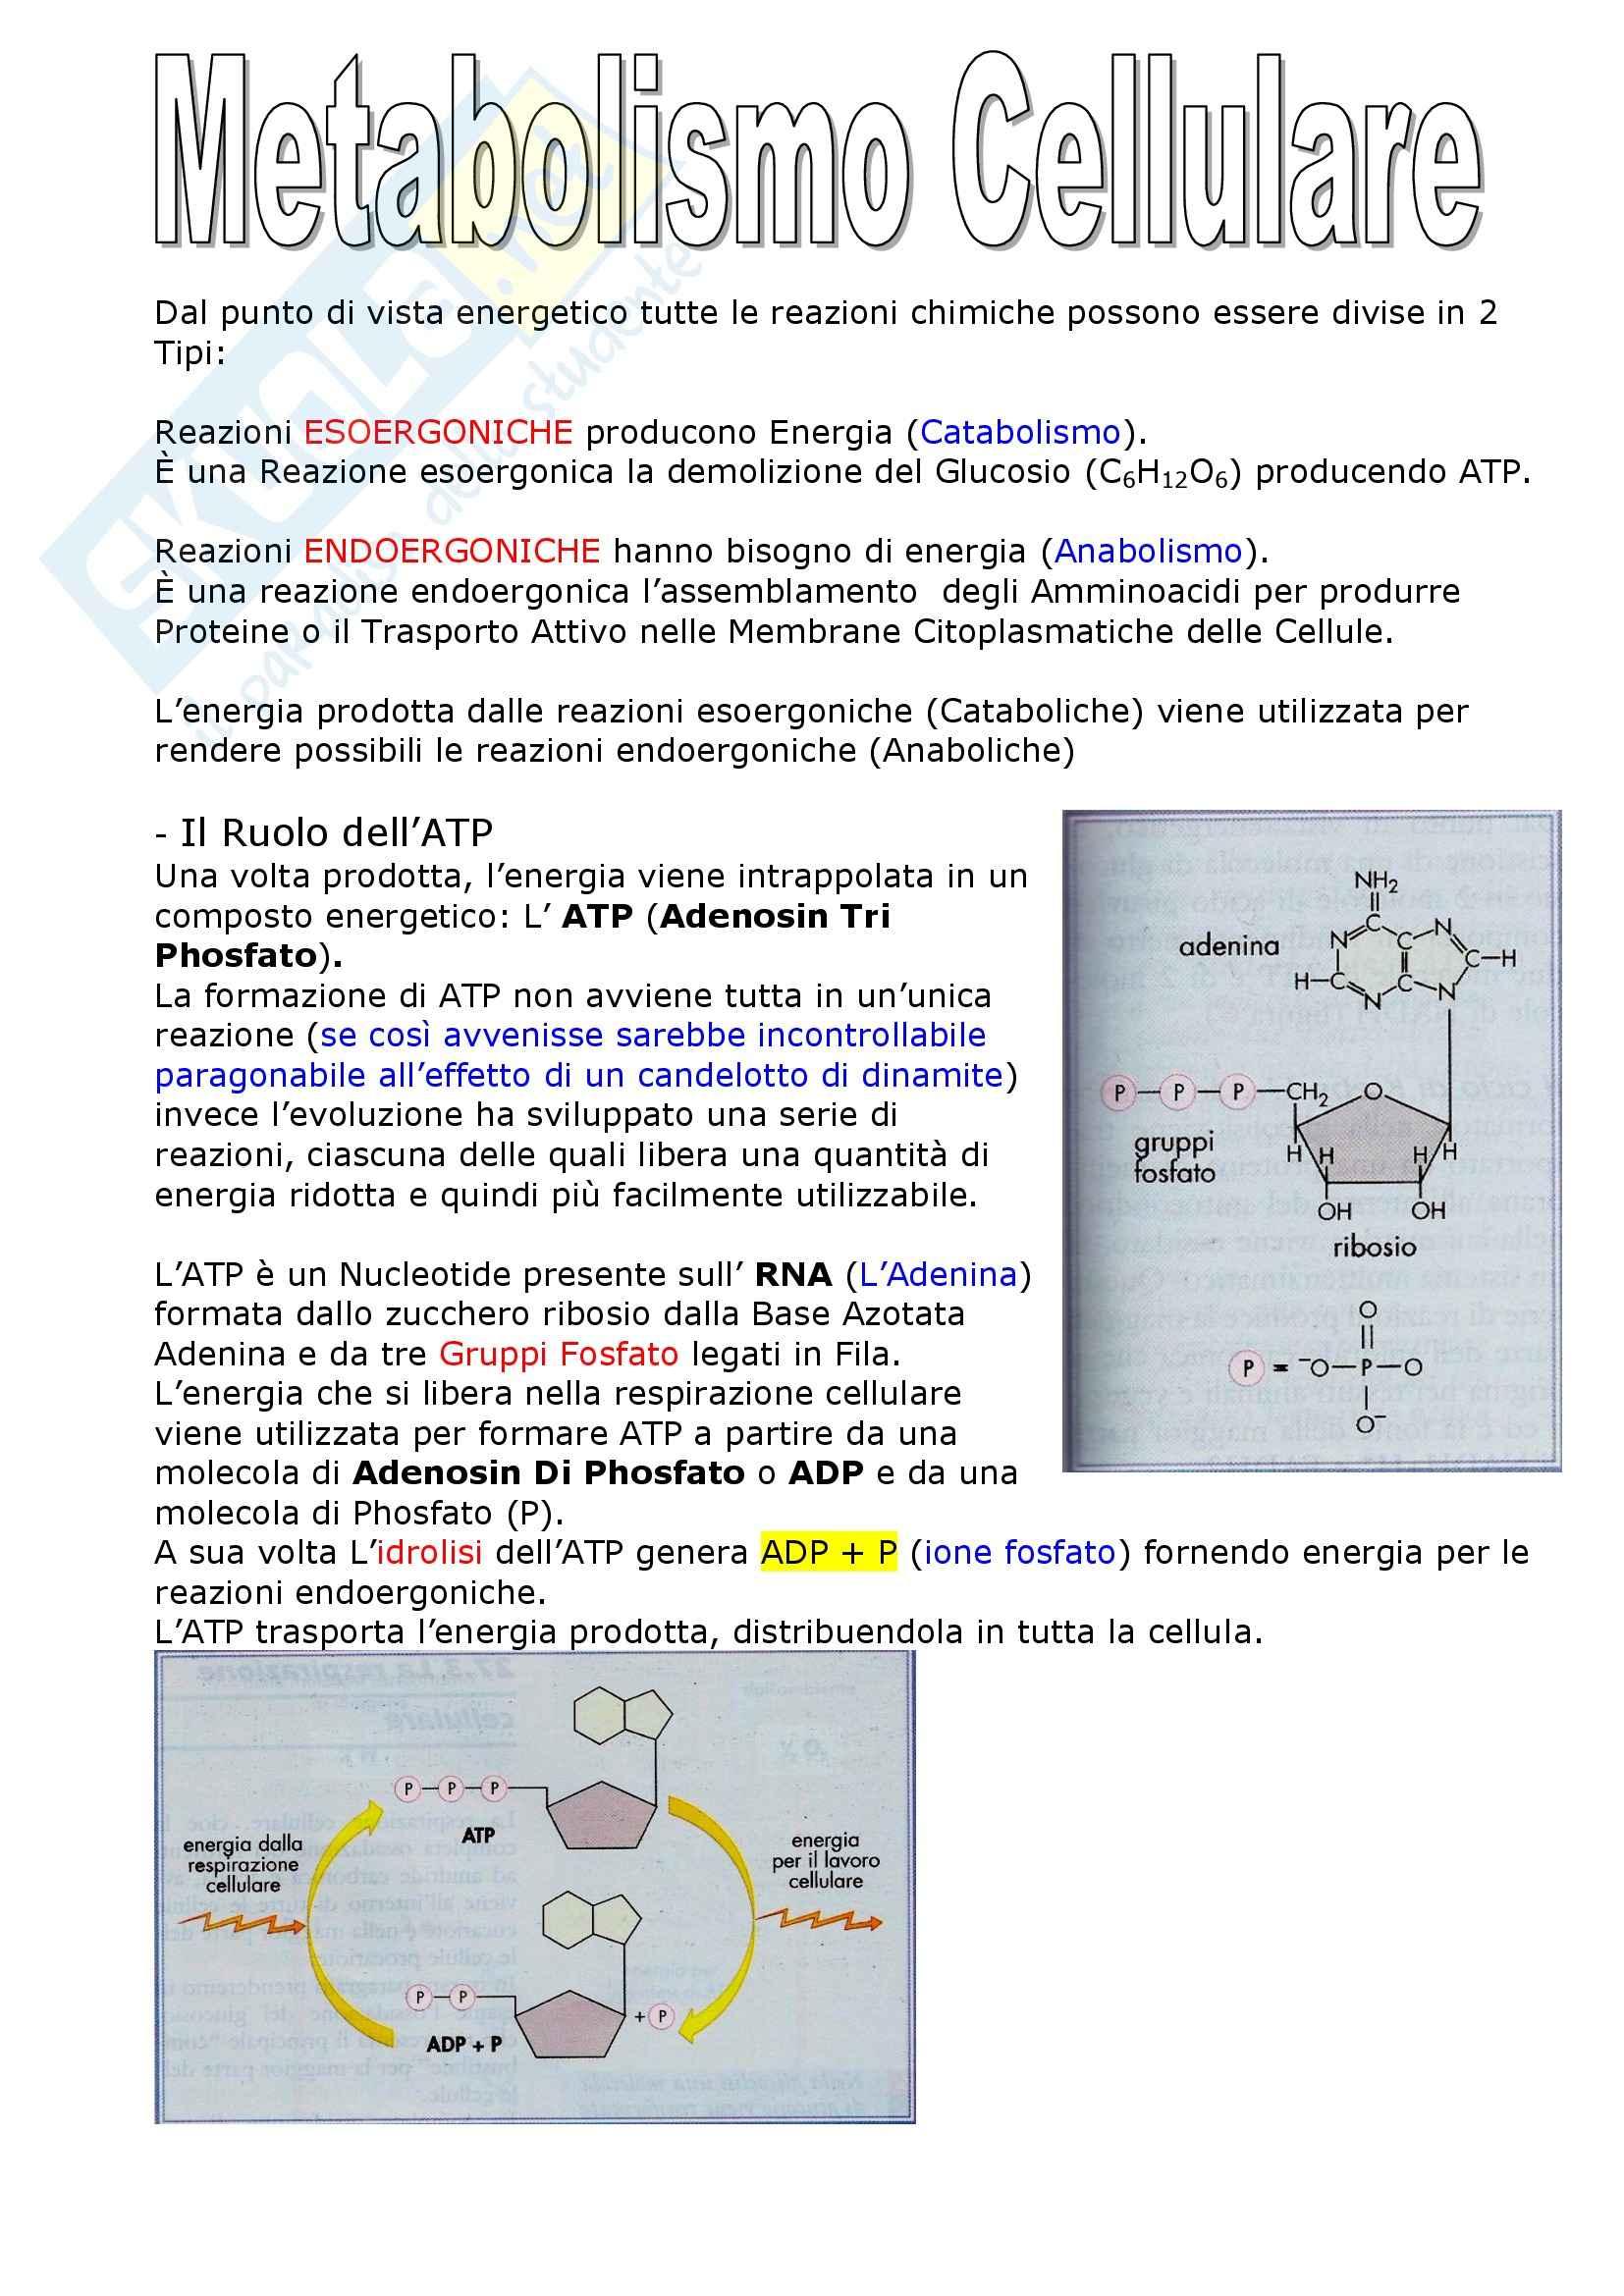 Biologia dei microrganismi - il metabolismo cellulare